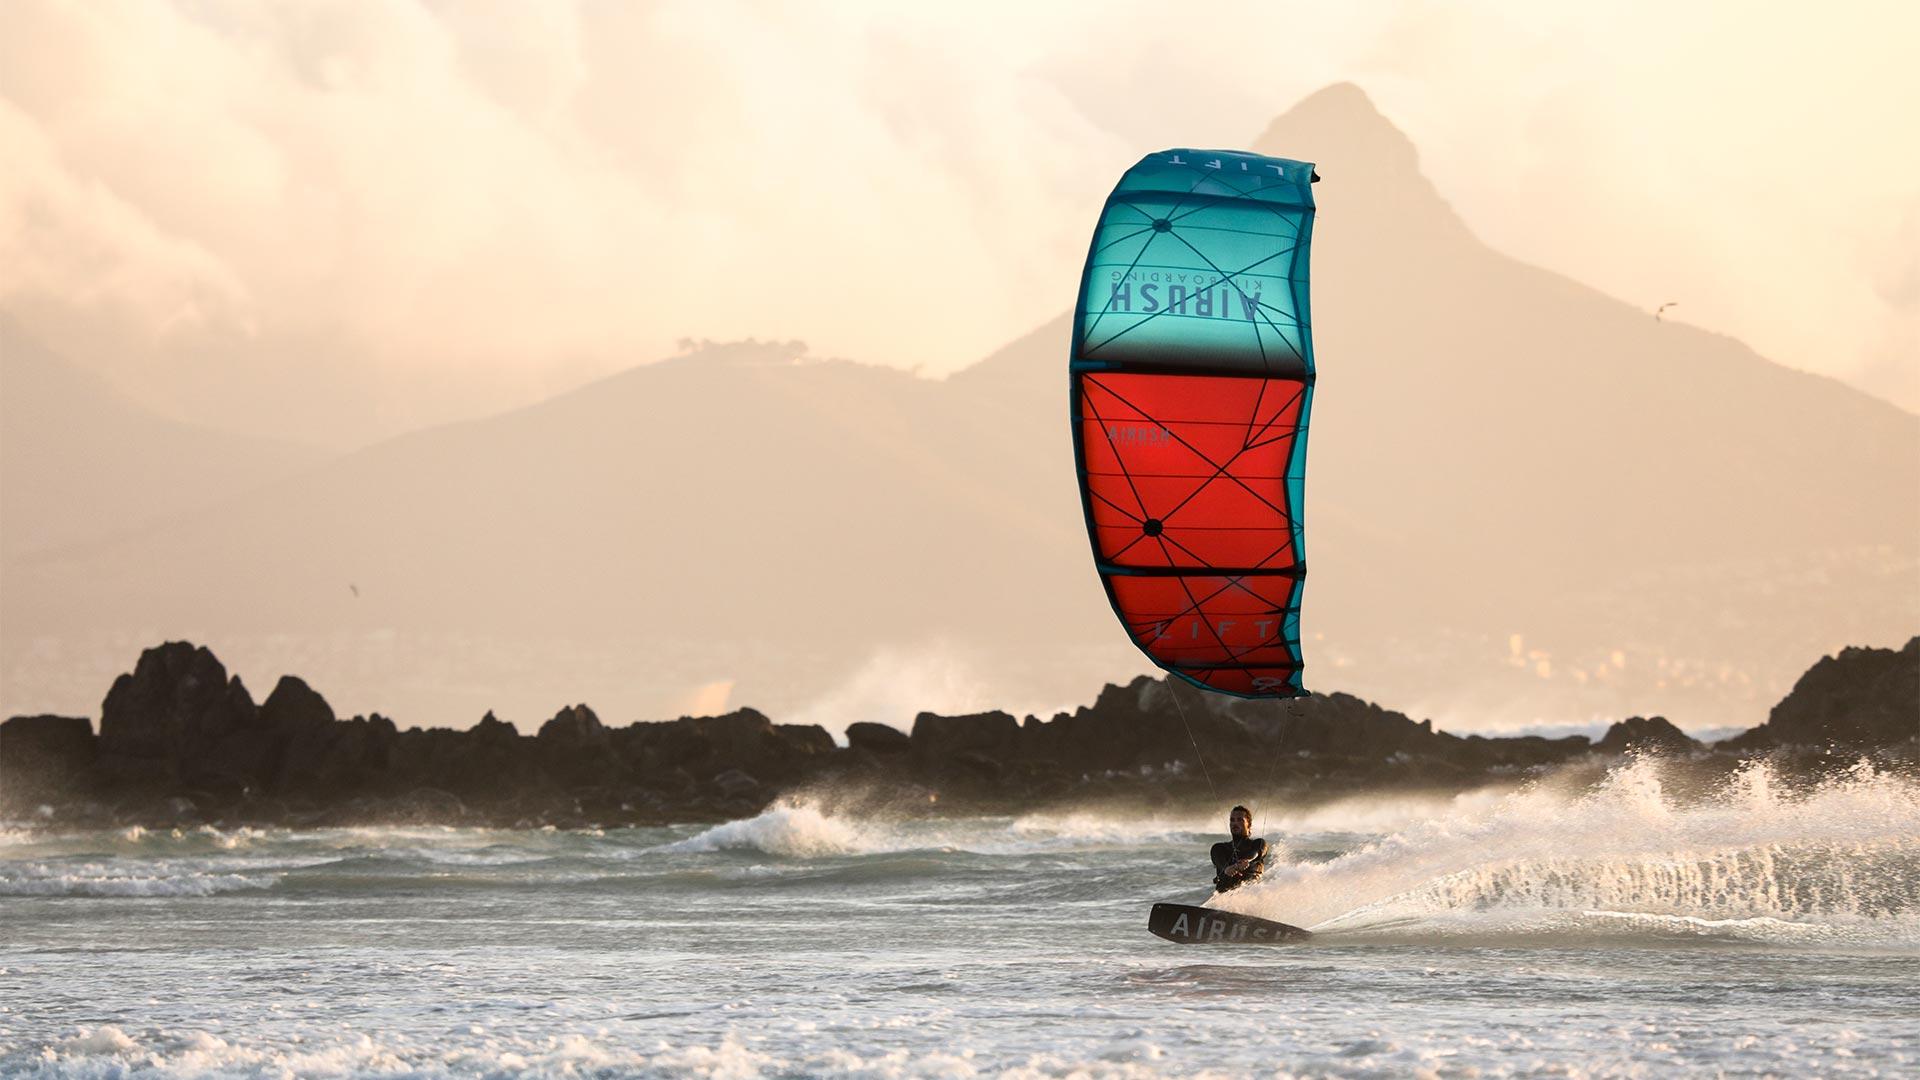 21_Airush_Gallery_Kites_Lift_Red_img-02